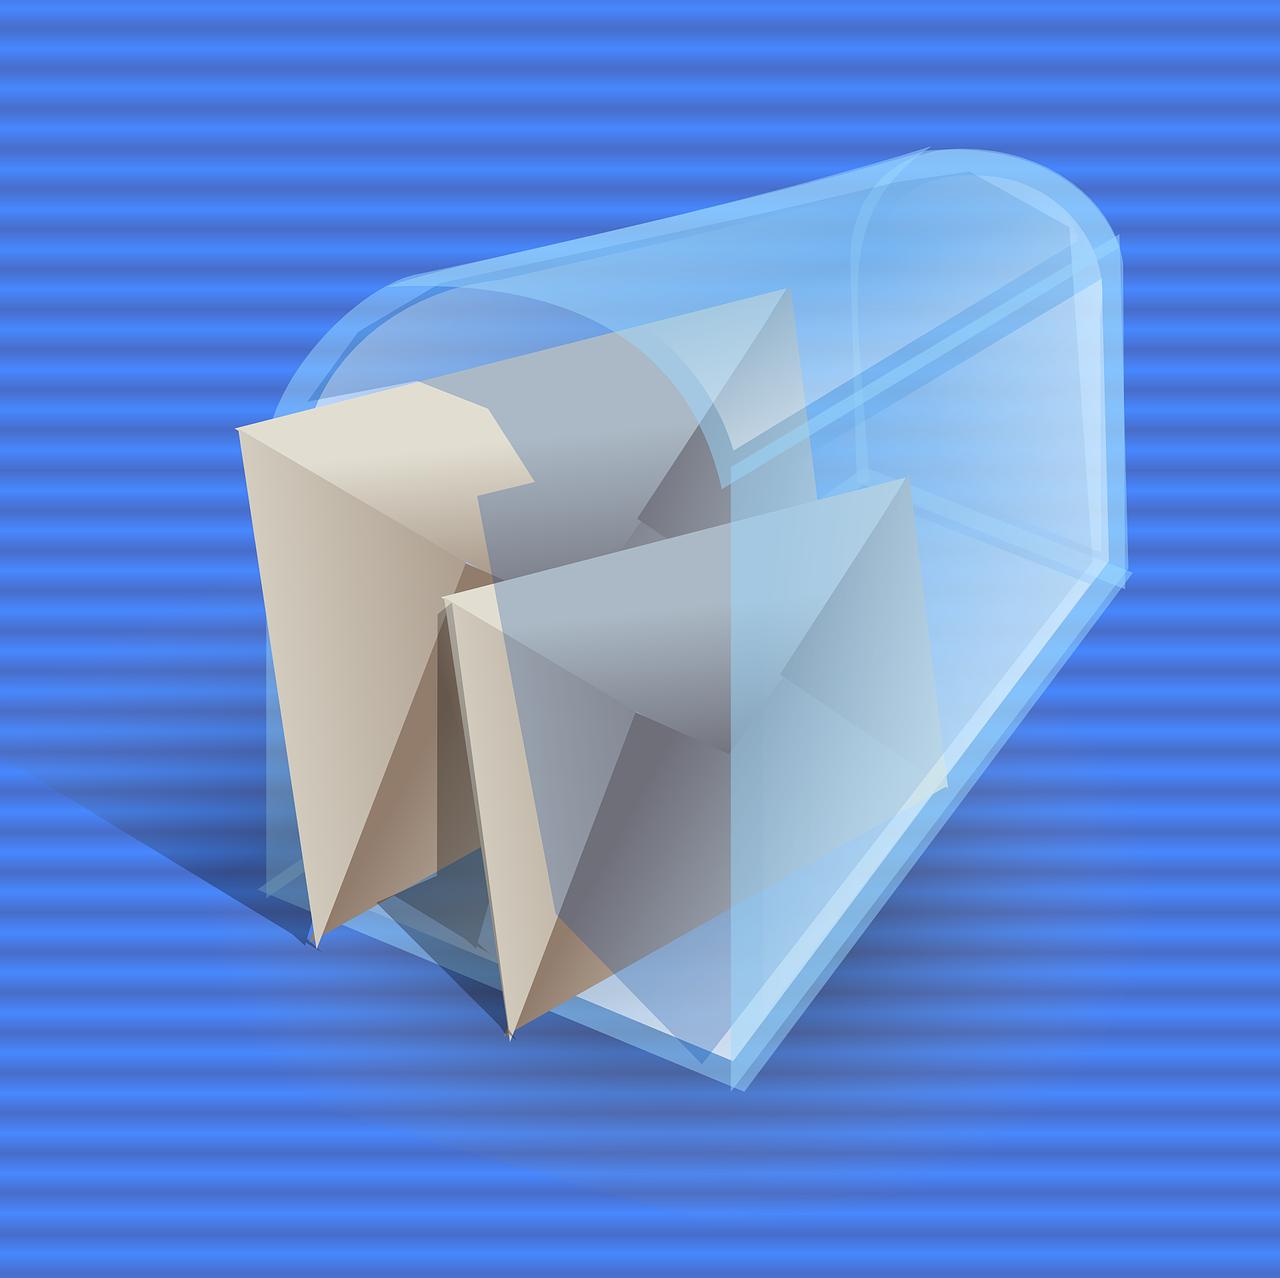 mailbox-25140_1280